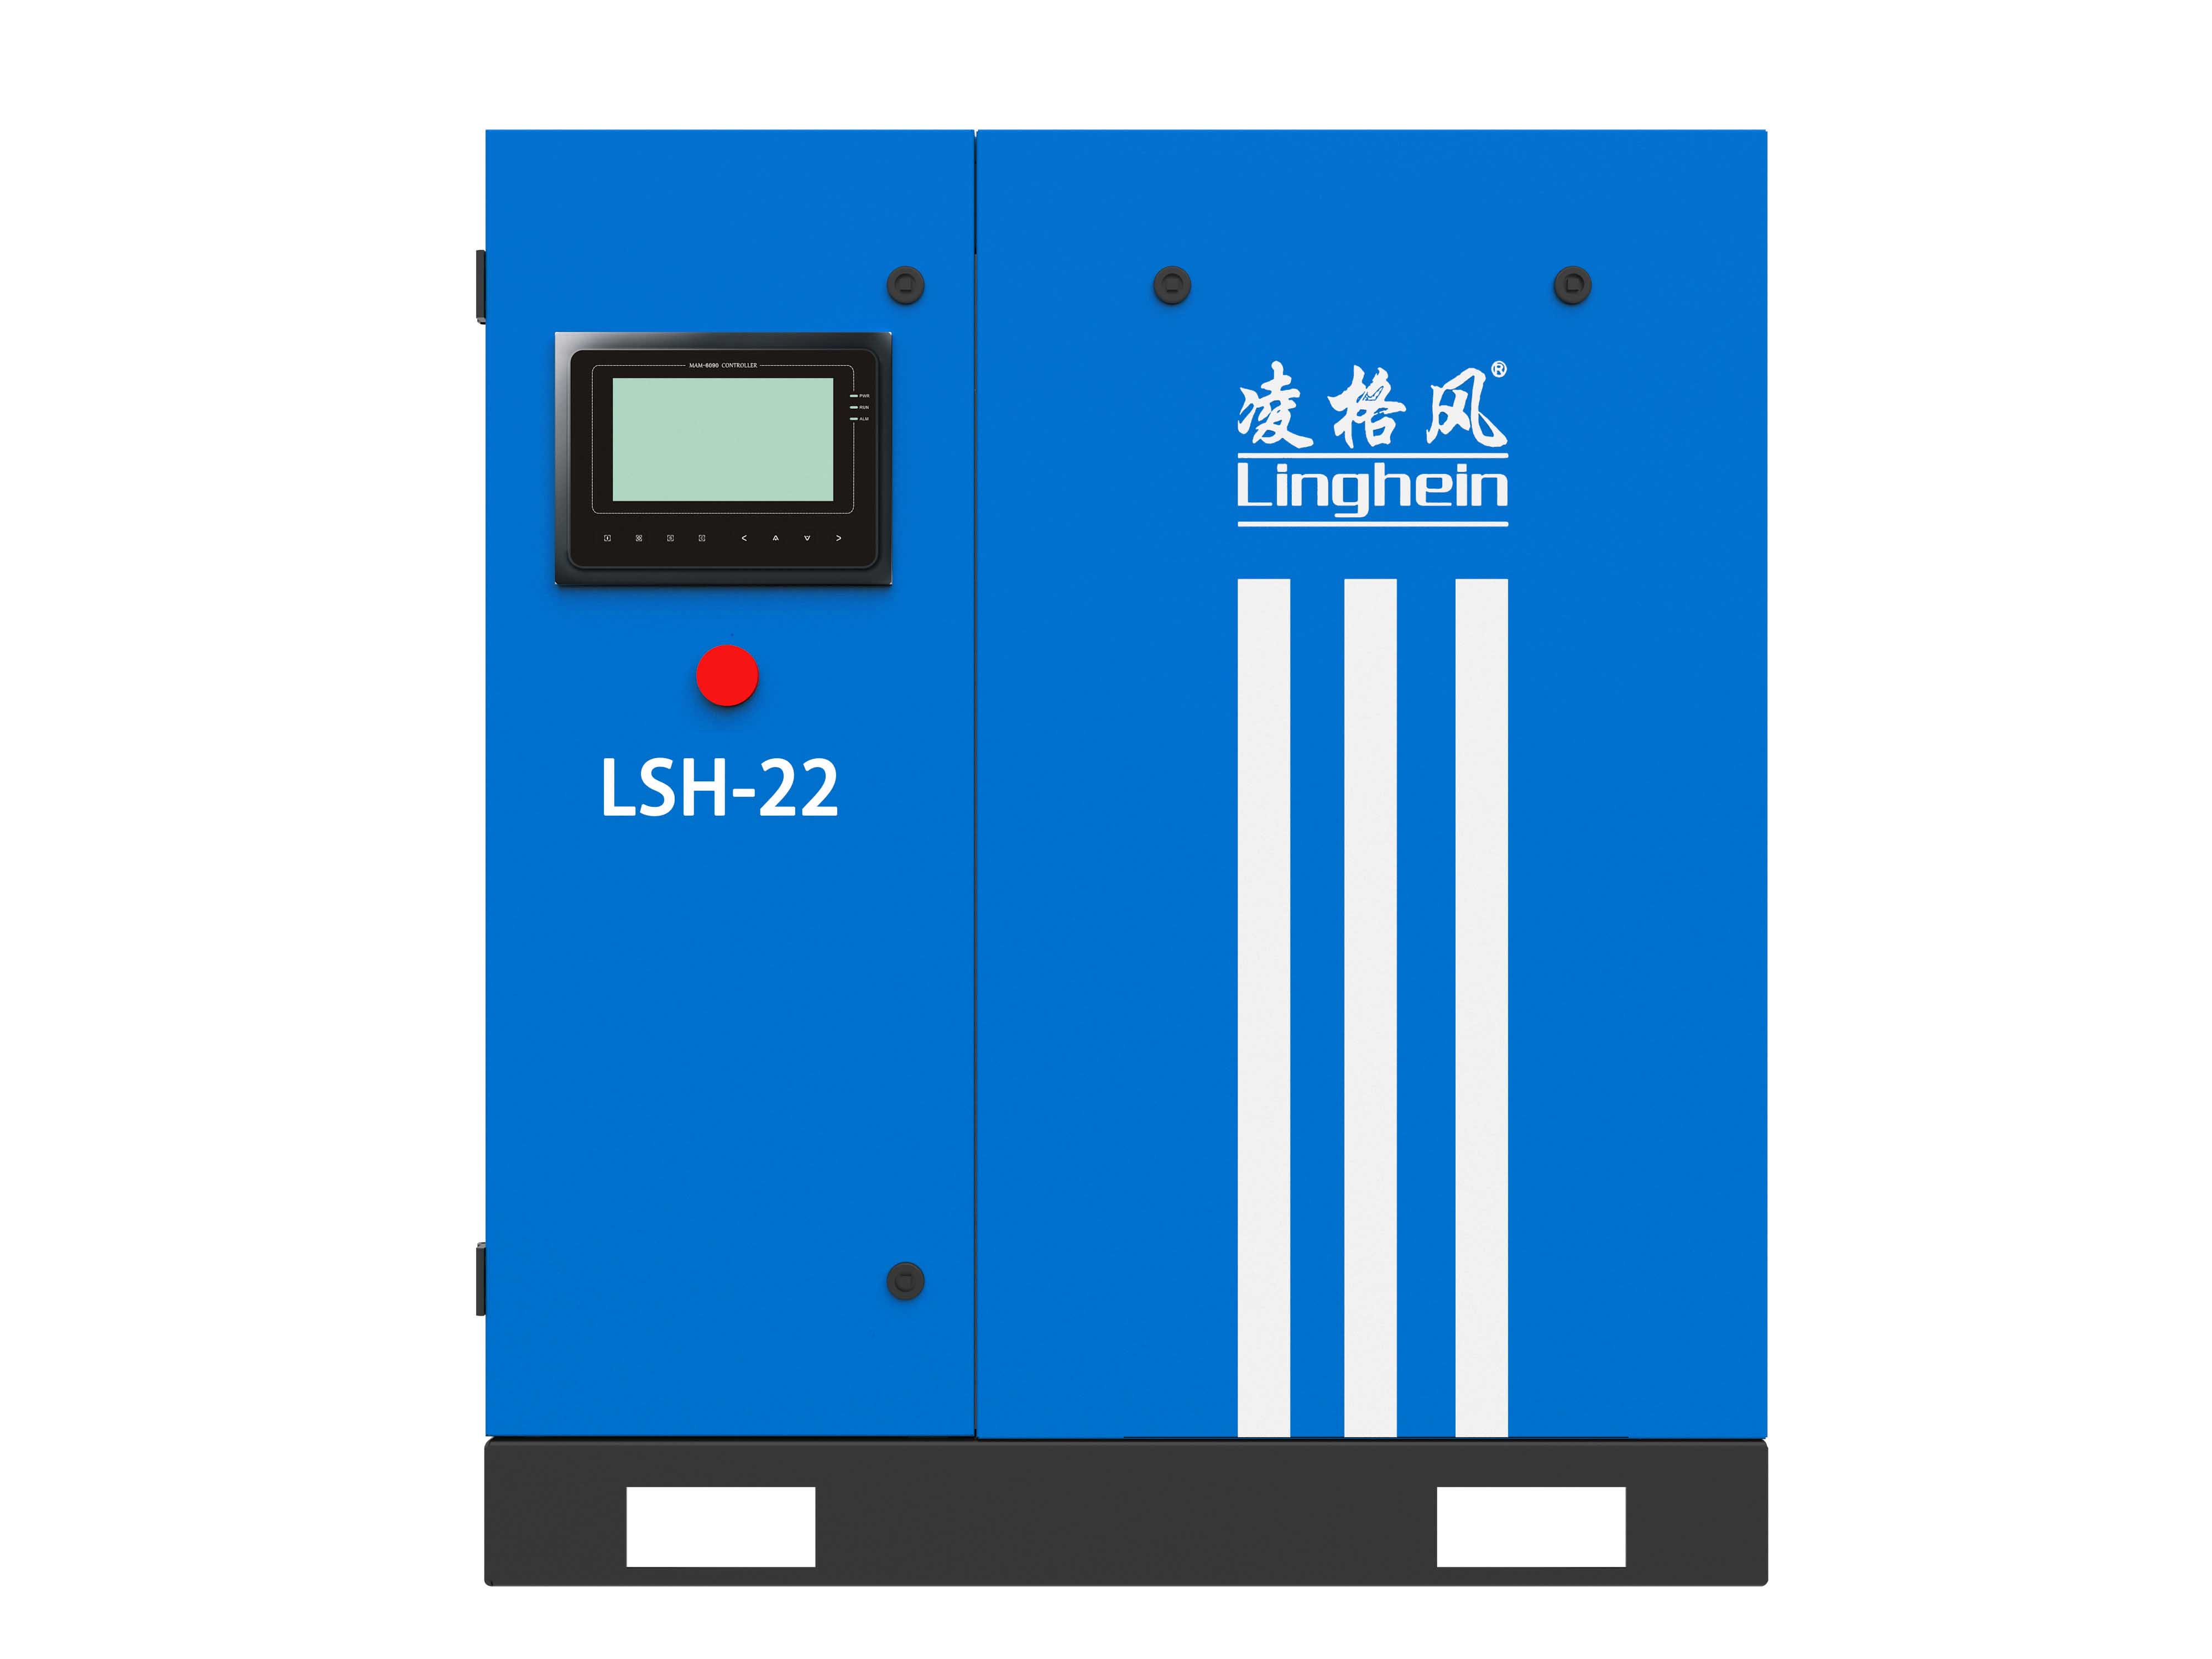 安徽官方压缩机产品介绍 真诚推荐 上海凌格风气体技术供应